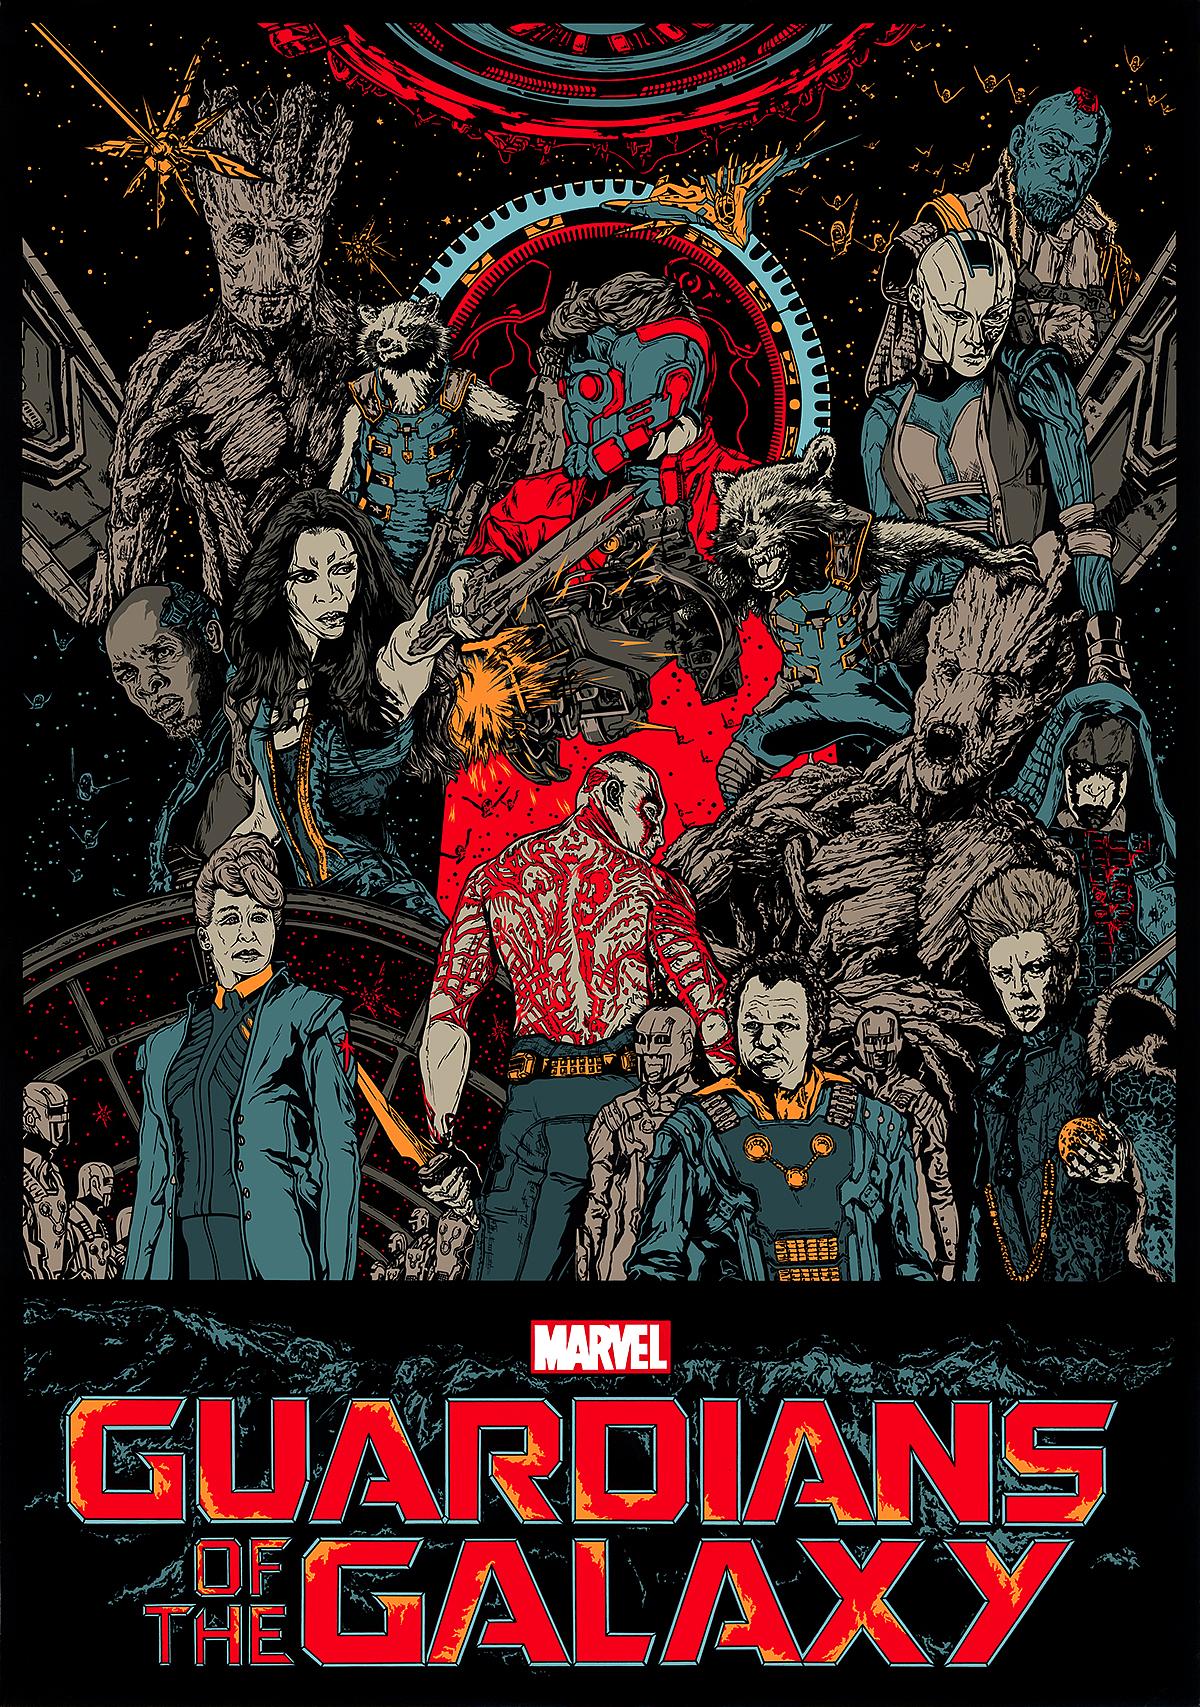 《银河护卫队》概念手绘海报